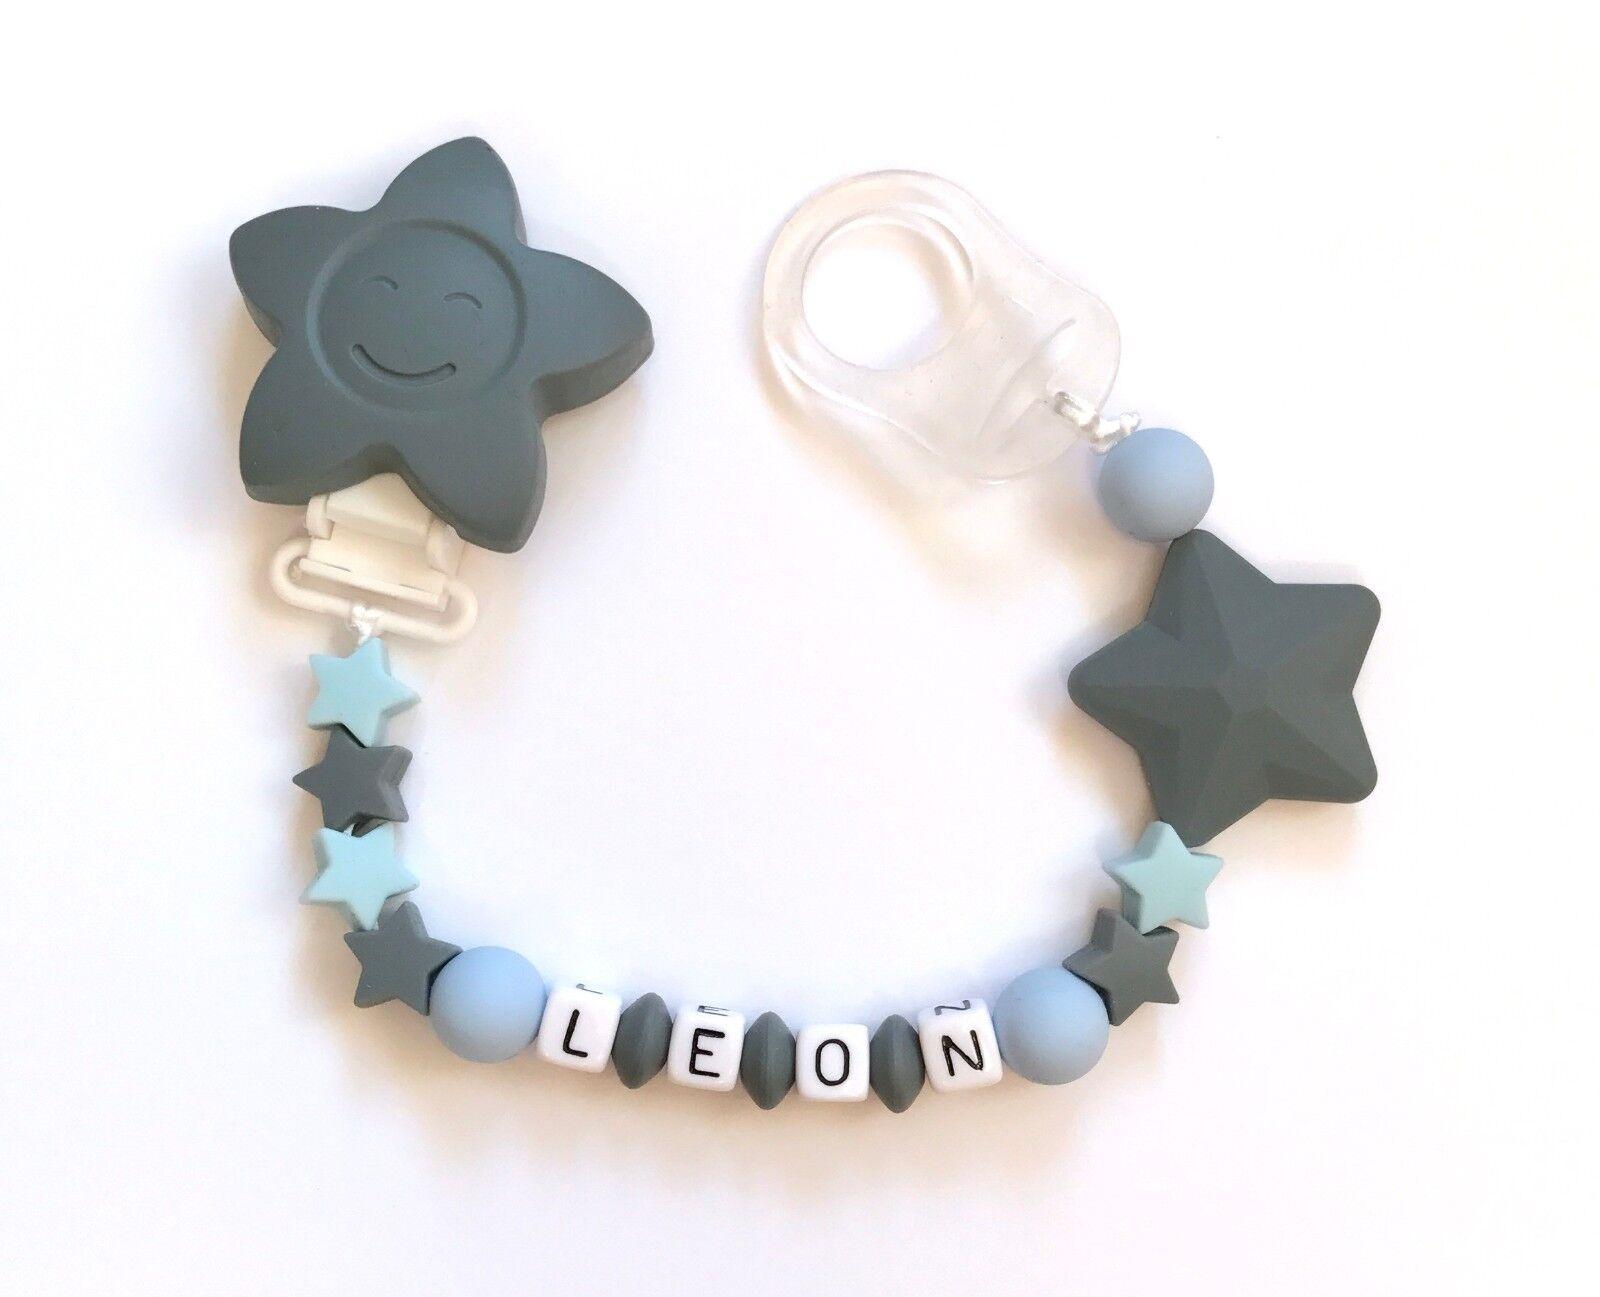 Schnullerkette Nuckelkette Beißkette mit Namen grau hellblau Silikon Sterne